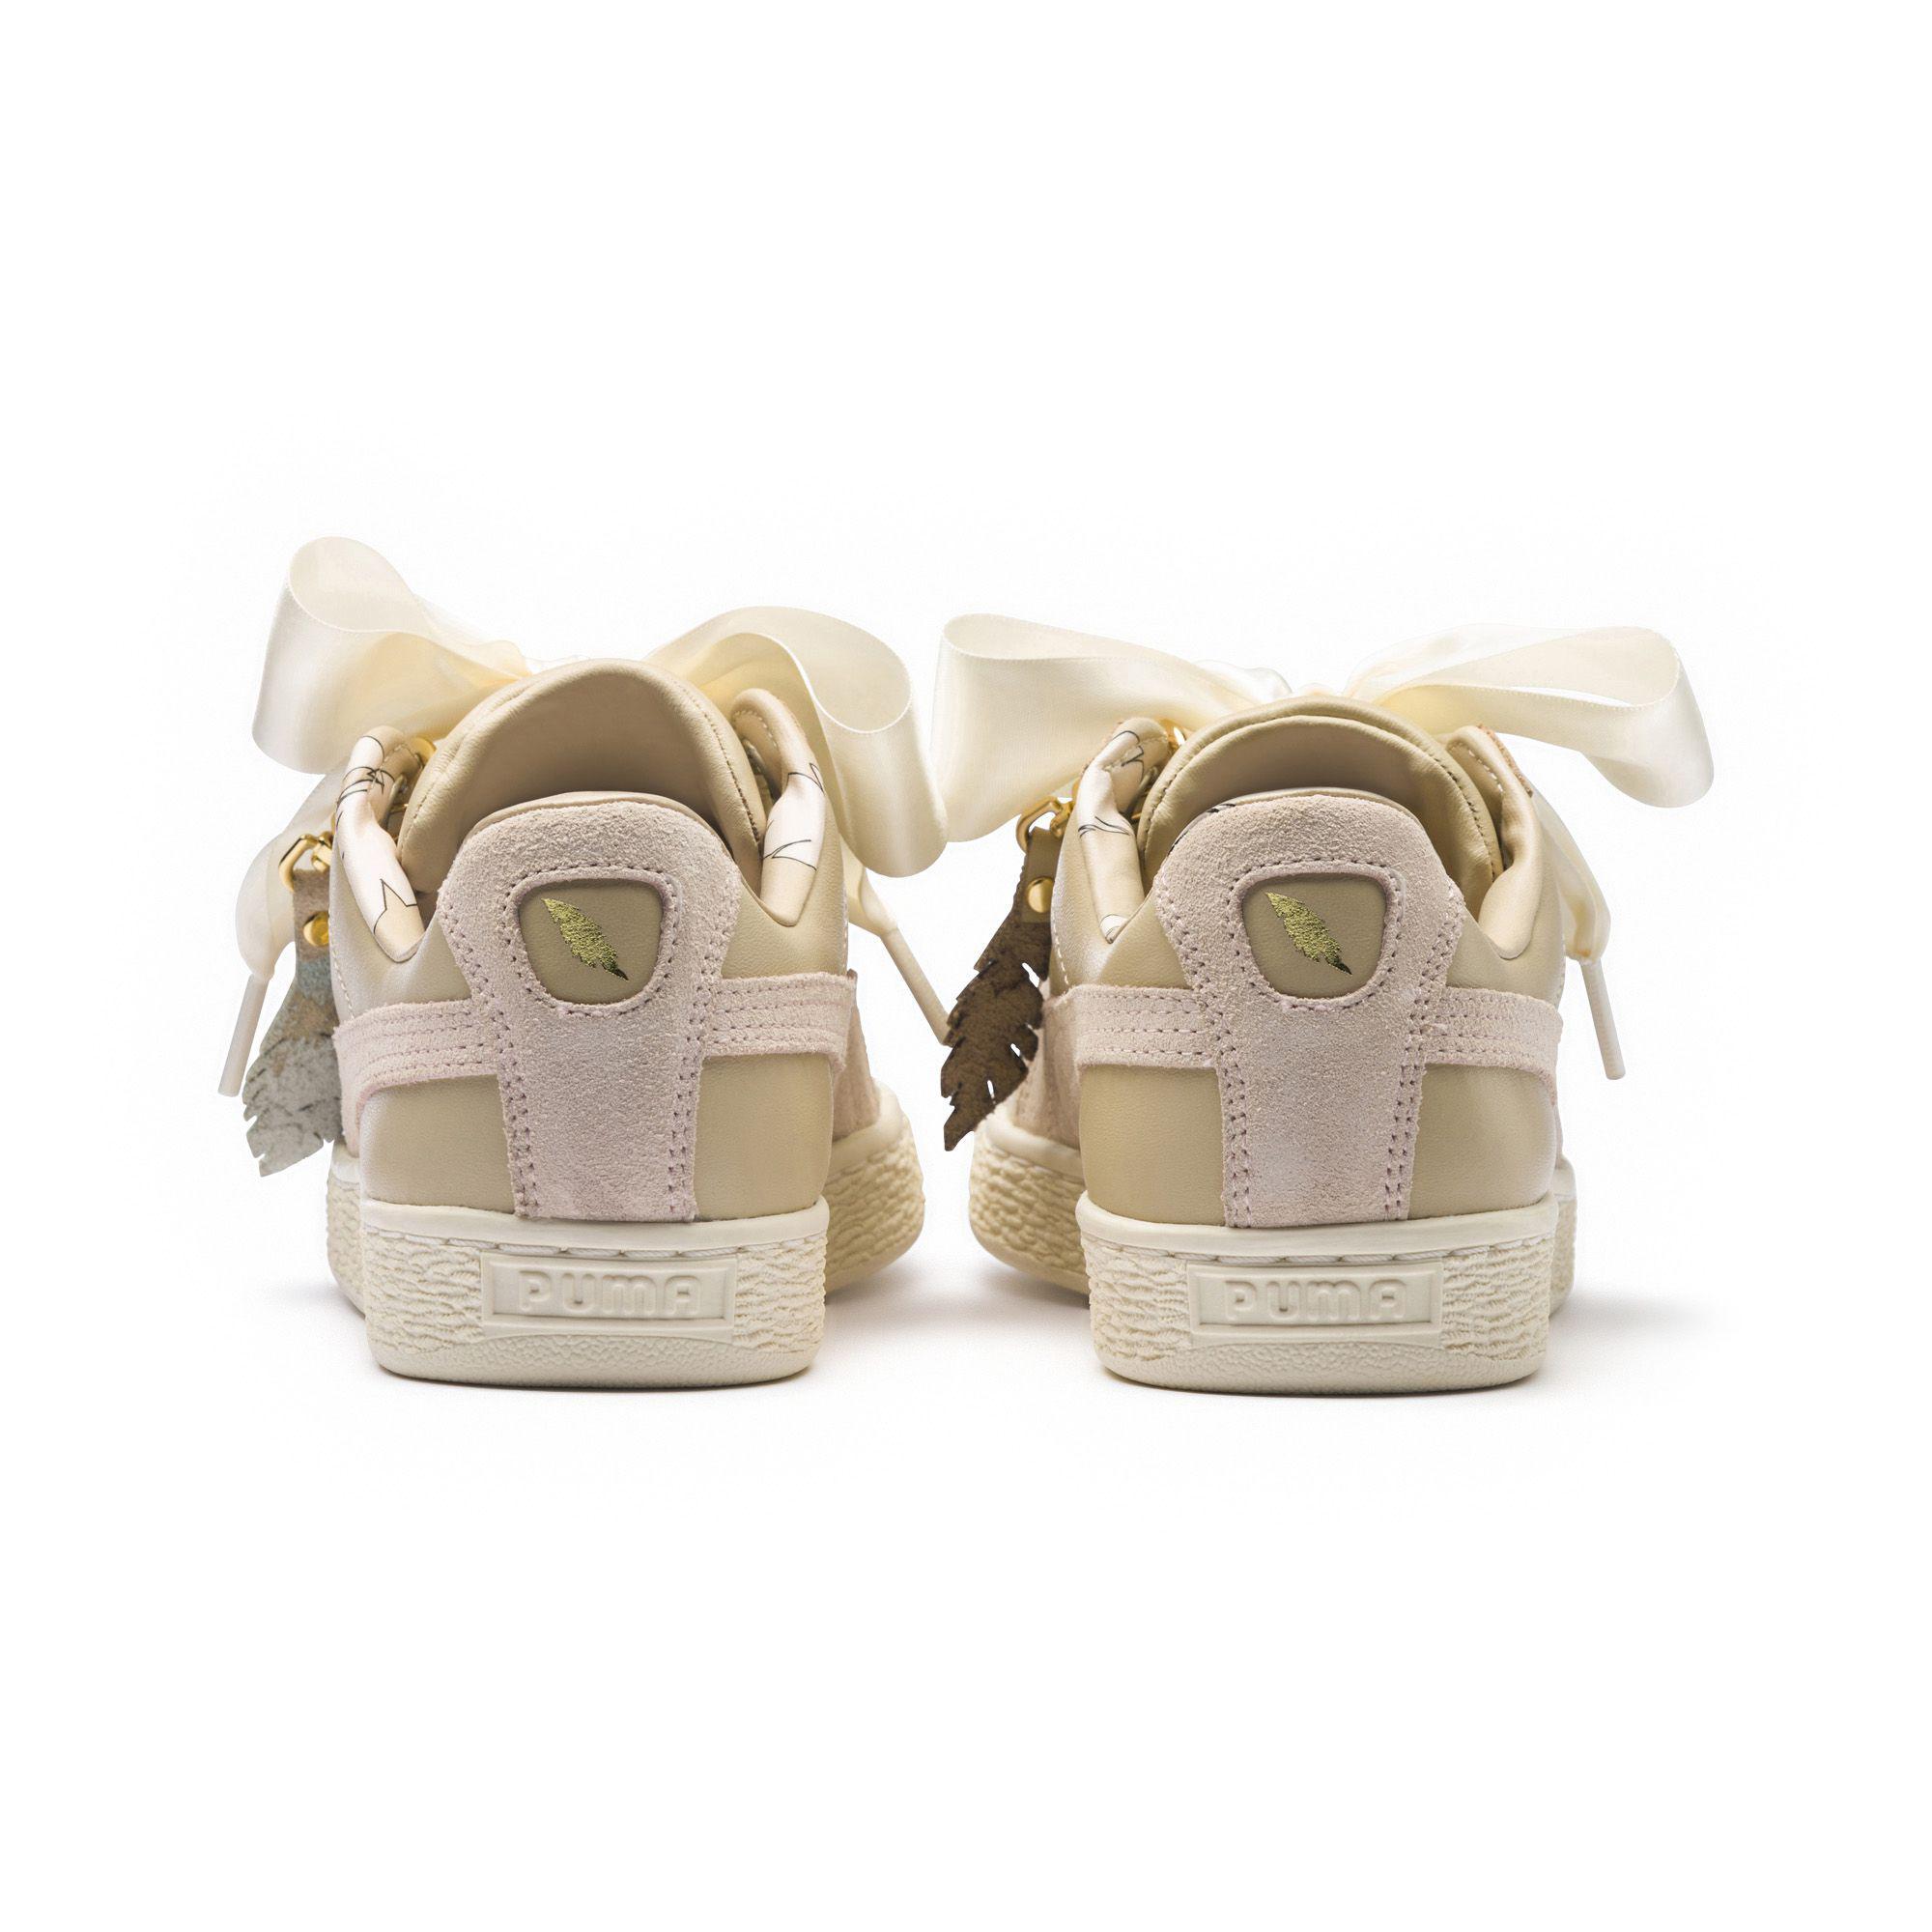 c74a436ca472 Lyst - PUMA Basket Heart Festival Women s Sneakers